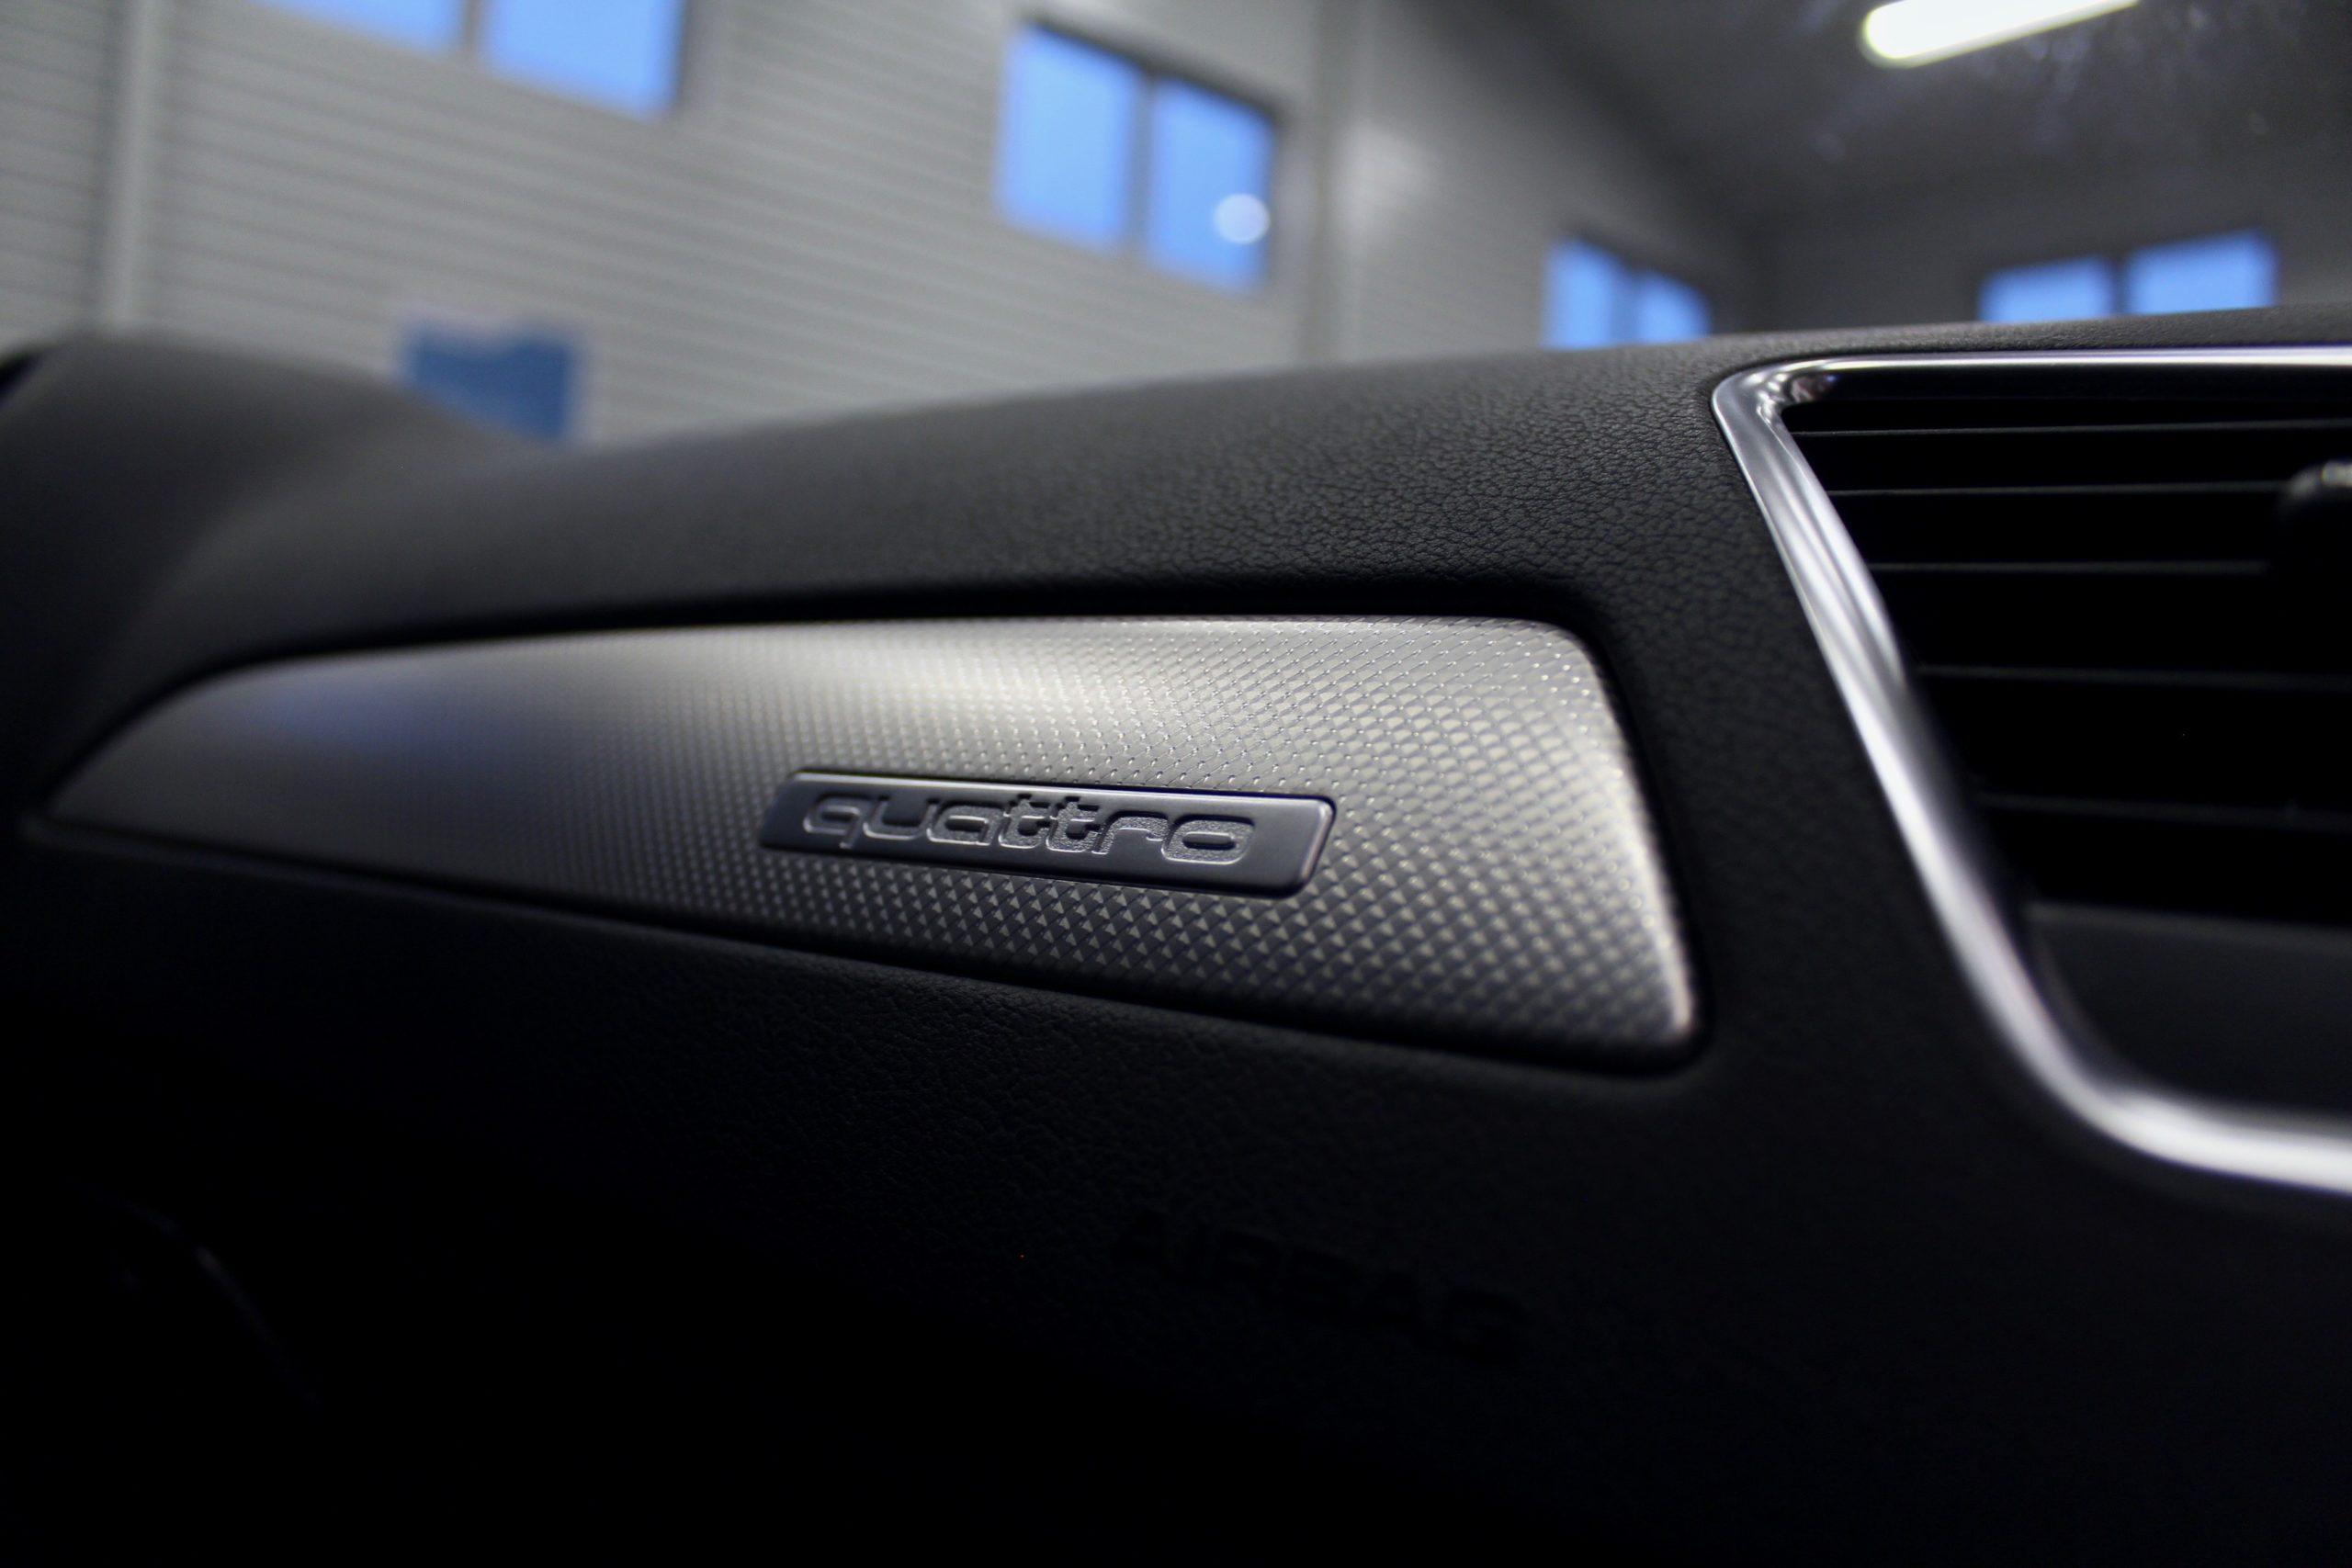 Audi A4 Avant 2.0 TDI DPF quattro 177hk